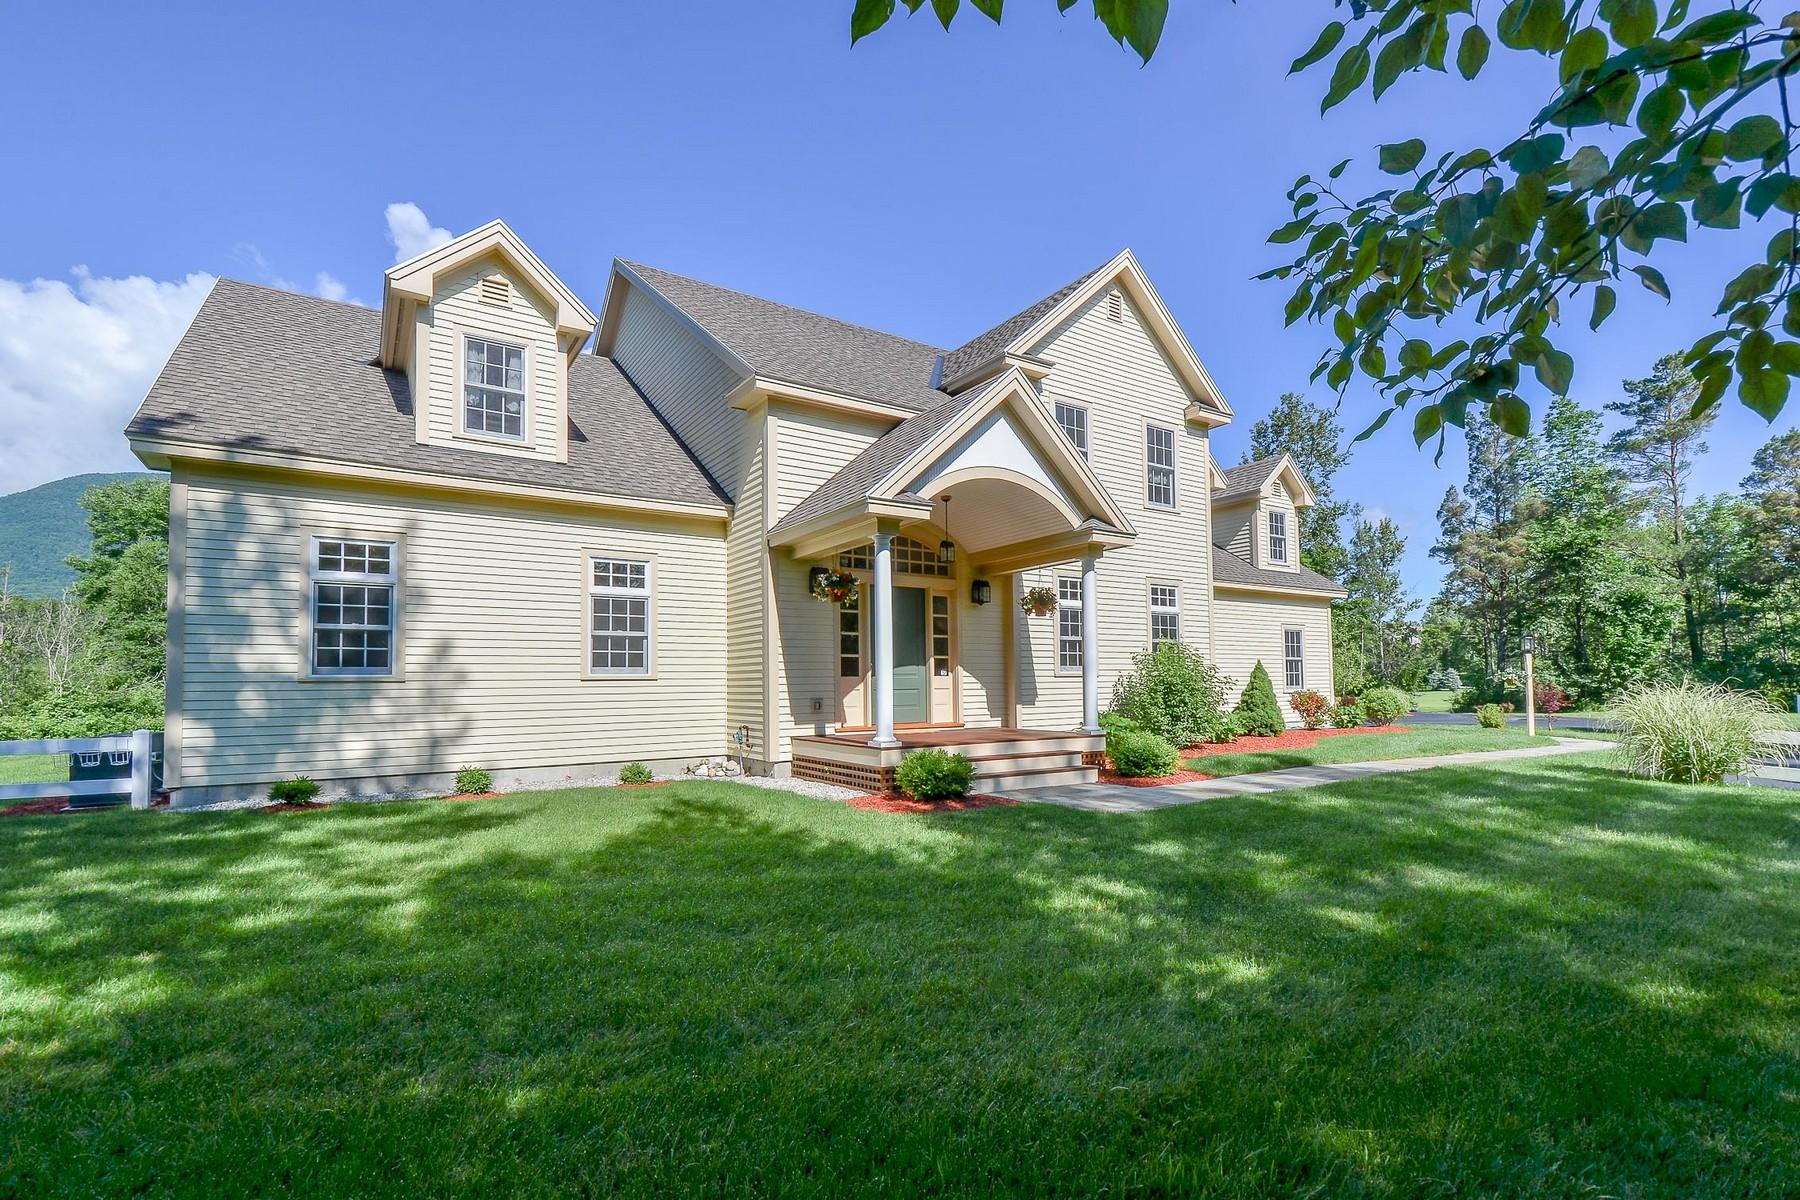 Maison unifamiliale pour l Vente à 25 Trout Pond, Manchester Manchester, Vermont, 05254 États-Unis